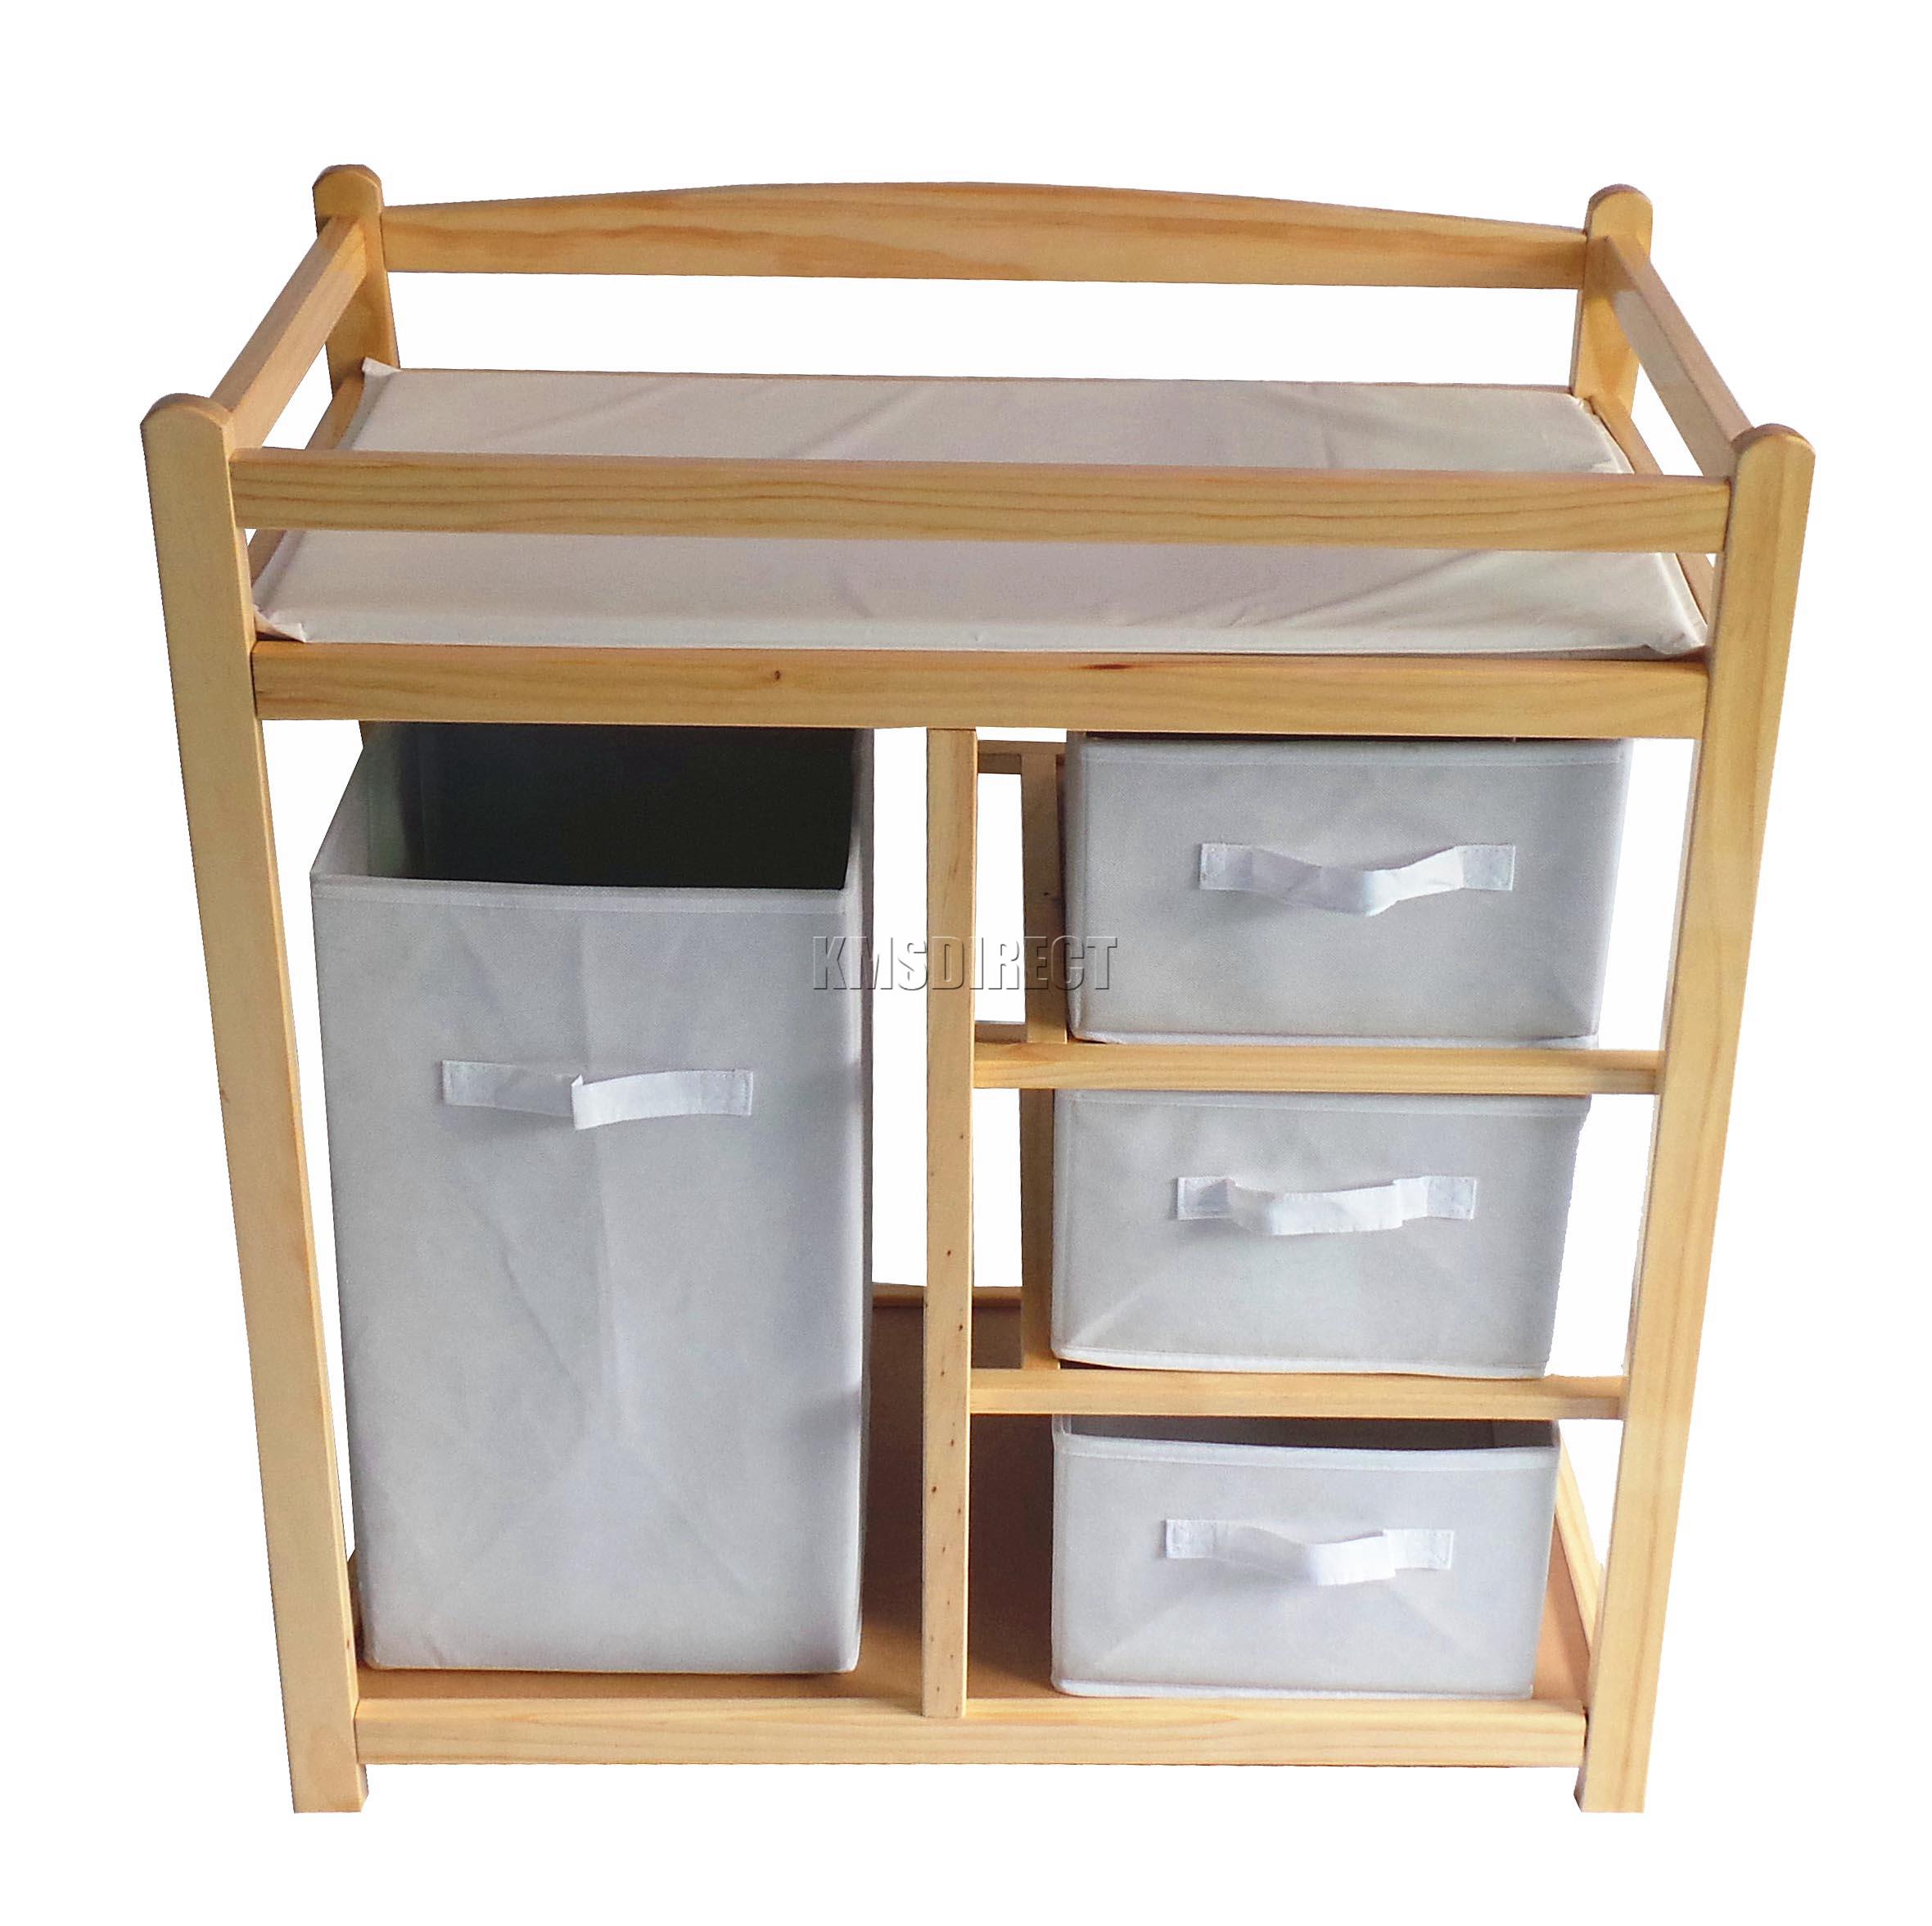 Foxhunter bois b b langer table unit station stockage tiroirs pad tapis ebay for Boite rangement table a langer